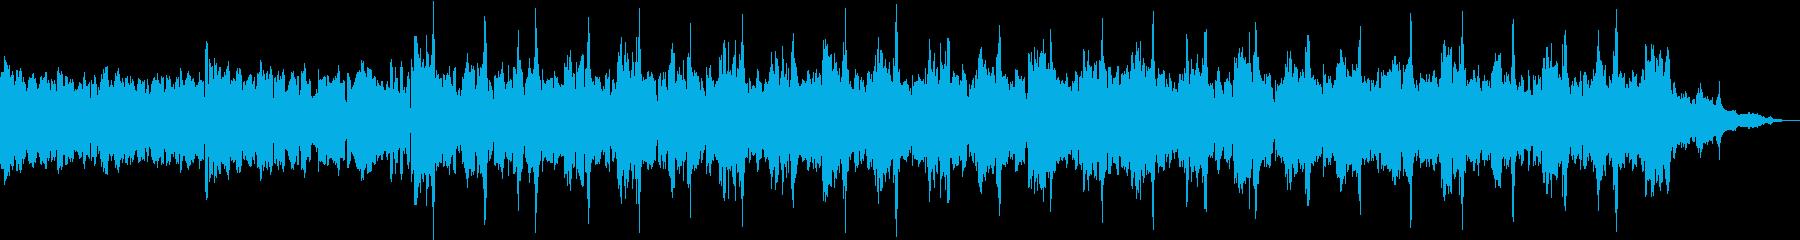 温かみのあるエレクトロ音楽の再生済みの波形